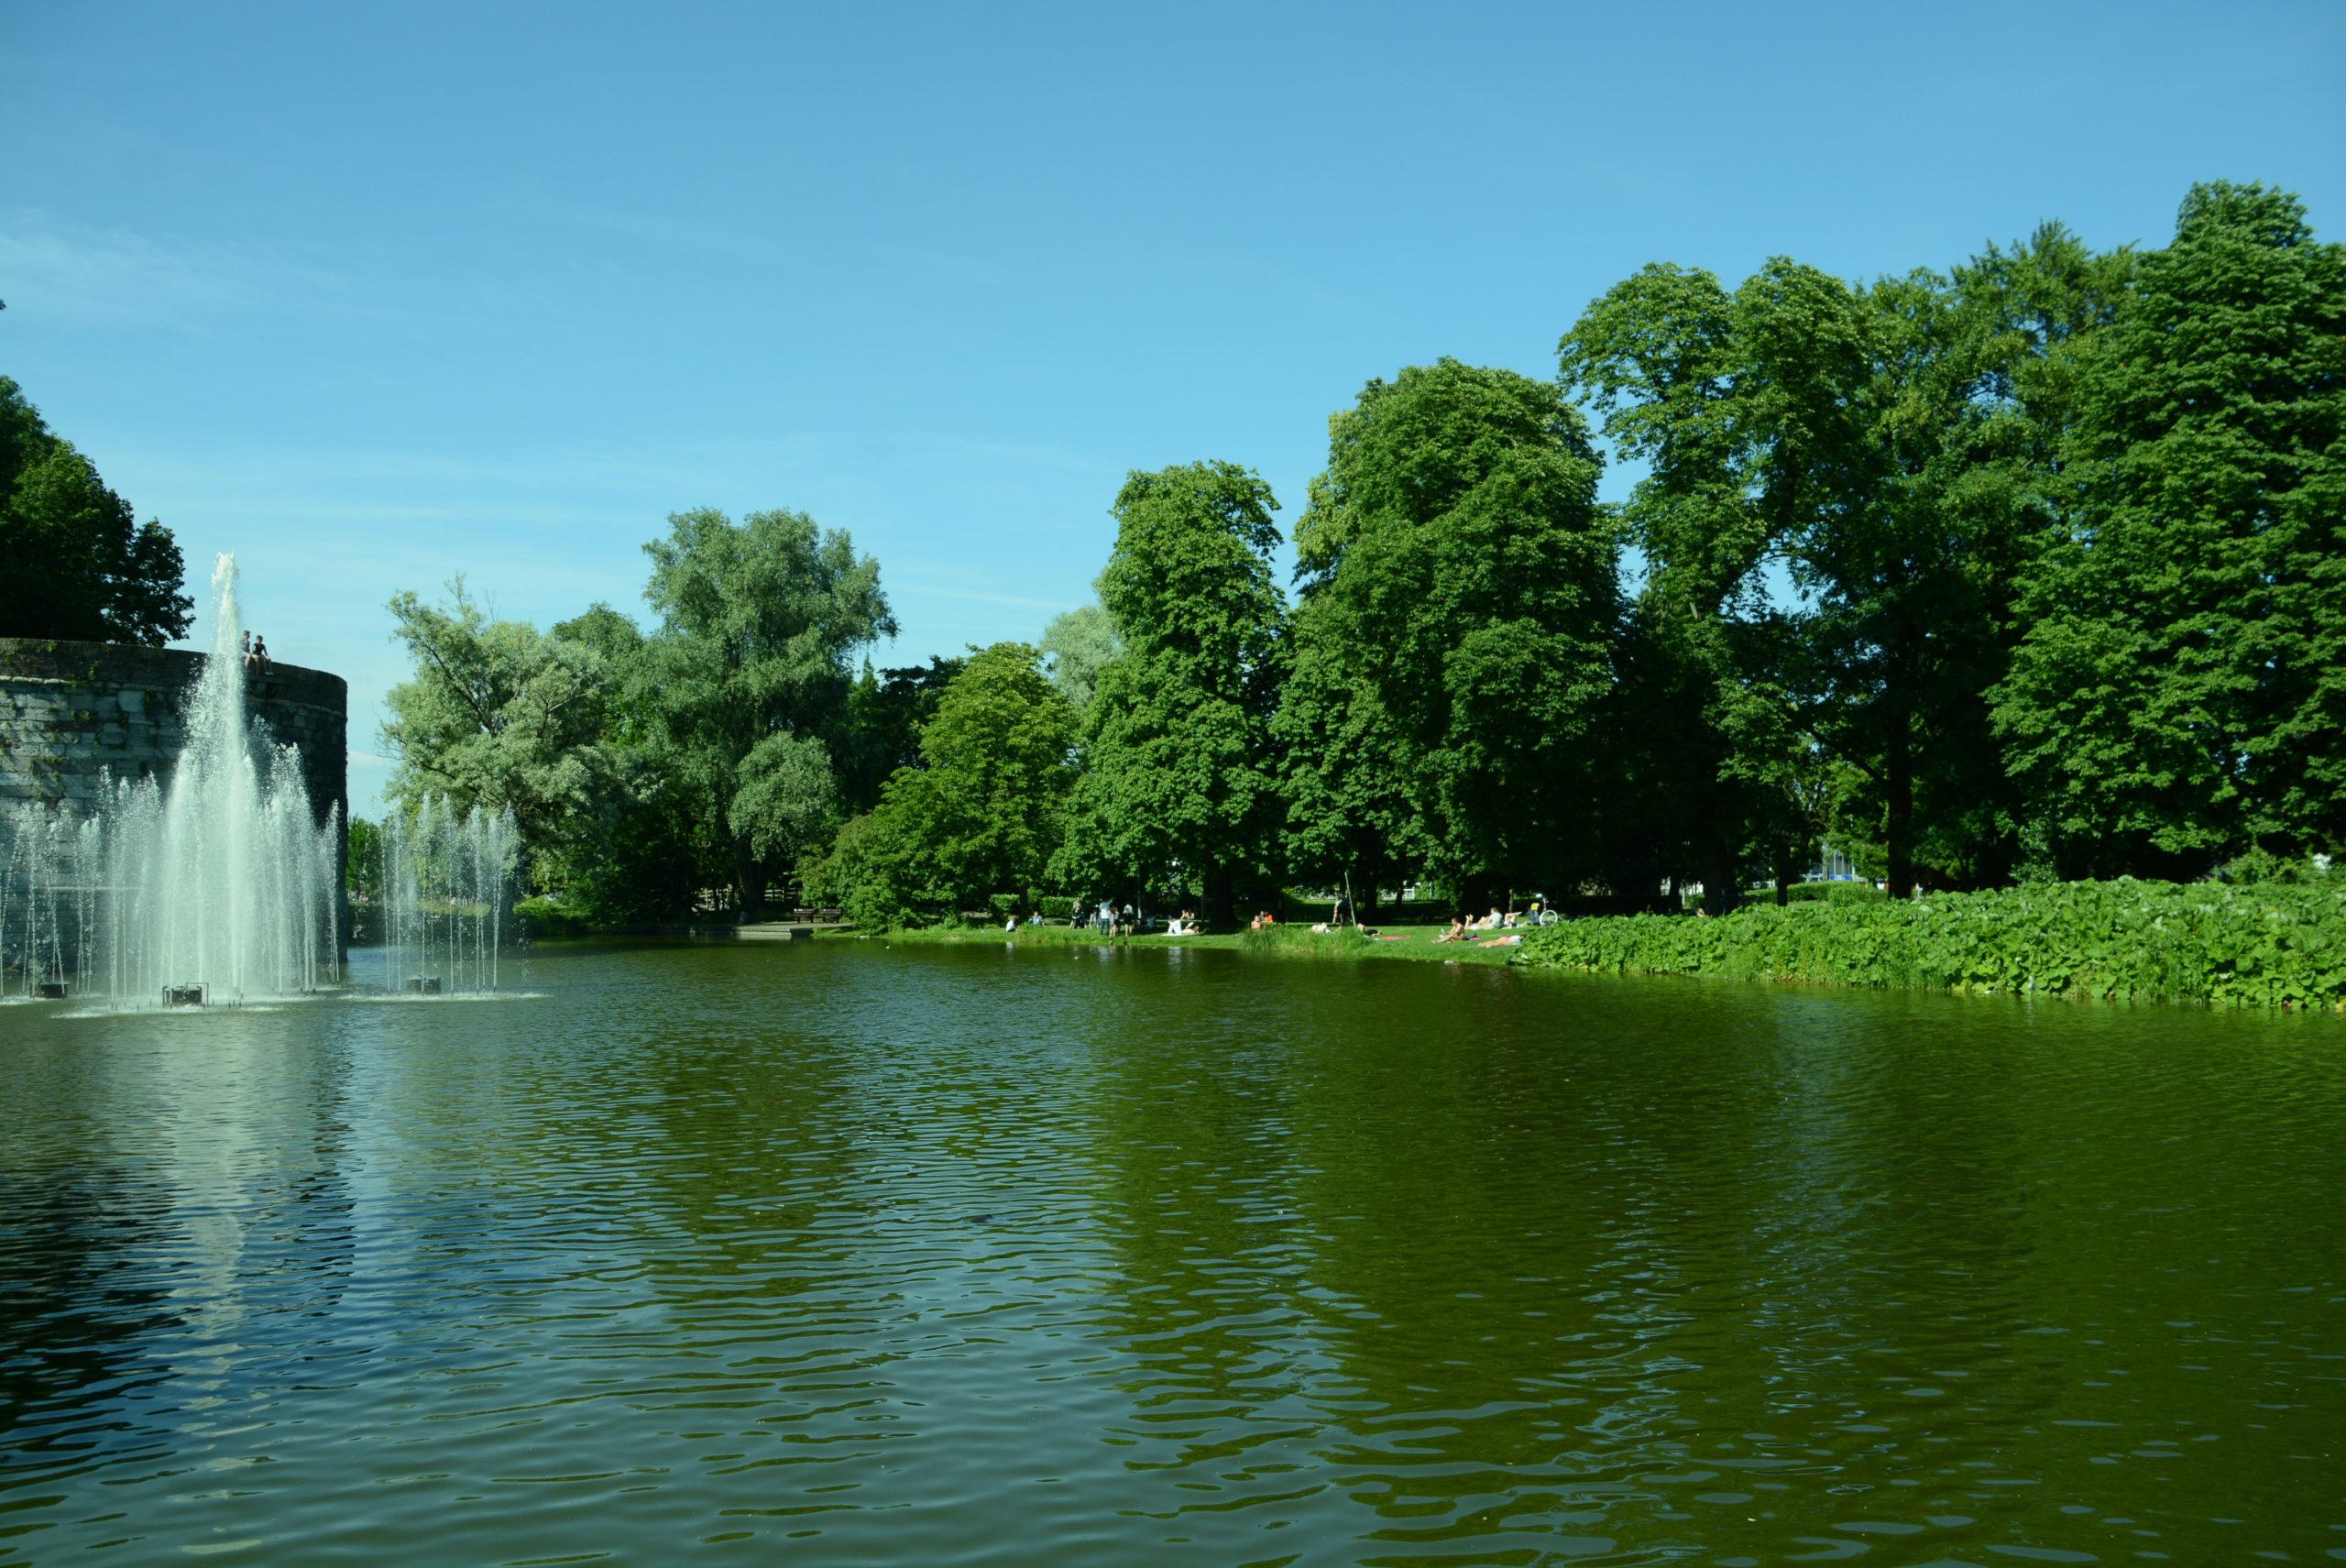 Der Stadtpark von Maastricht mit Springbrunnen